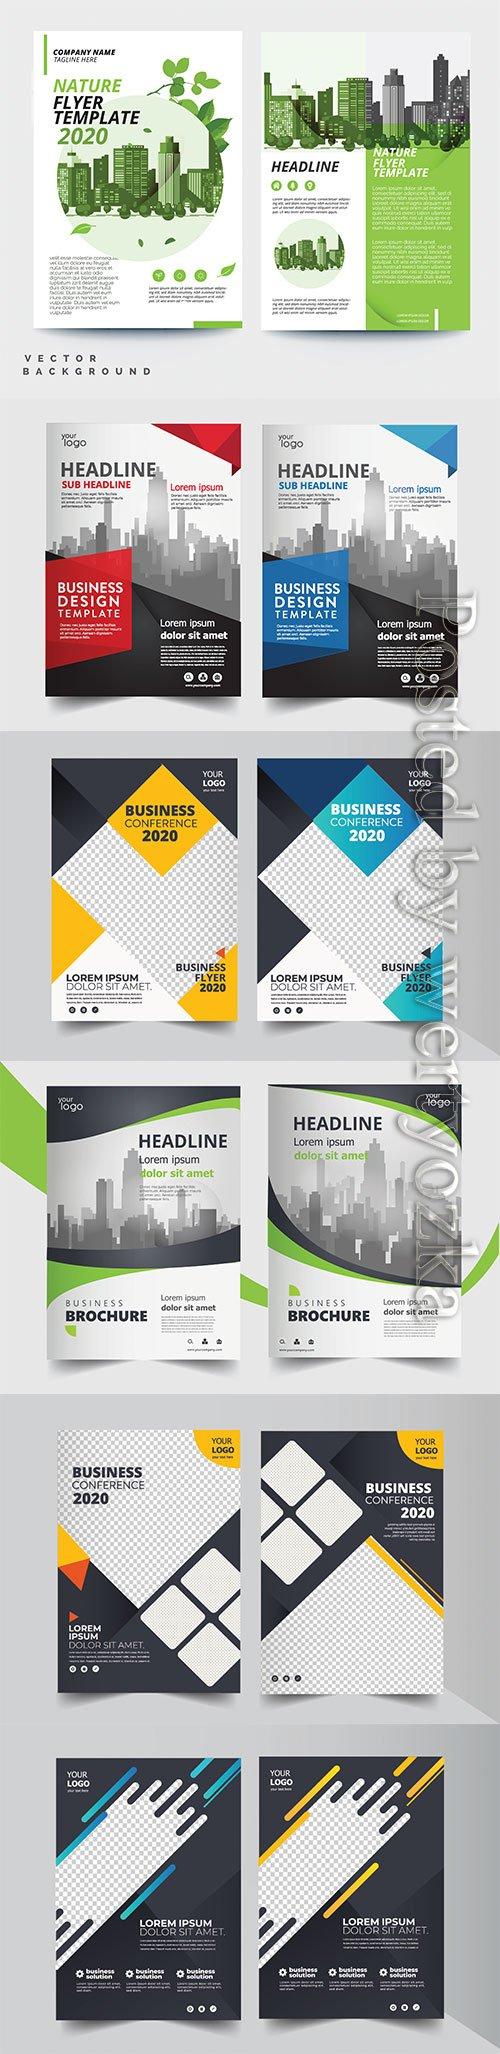 Brochure vector design, magazine cover, annual report